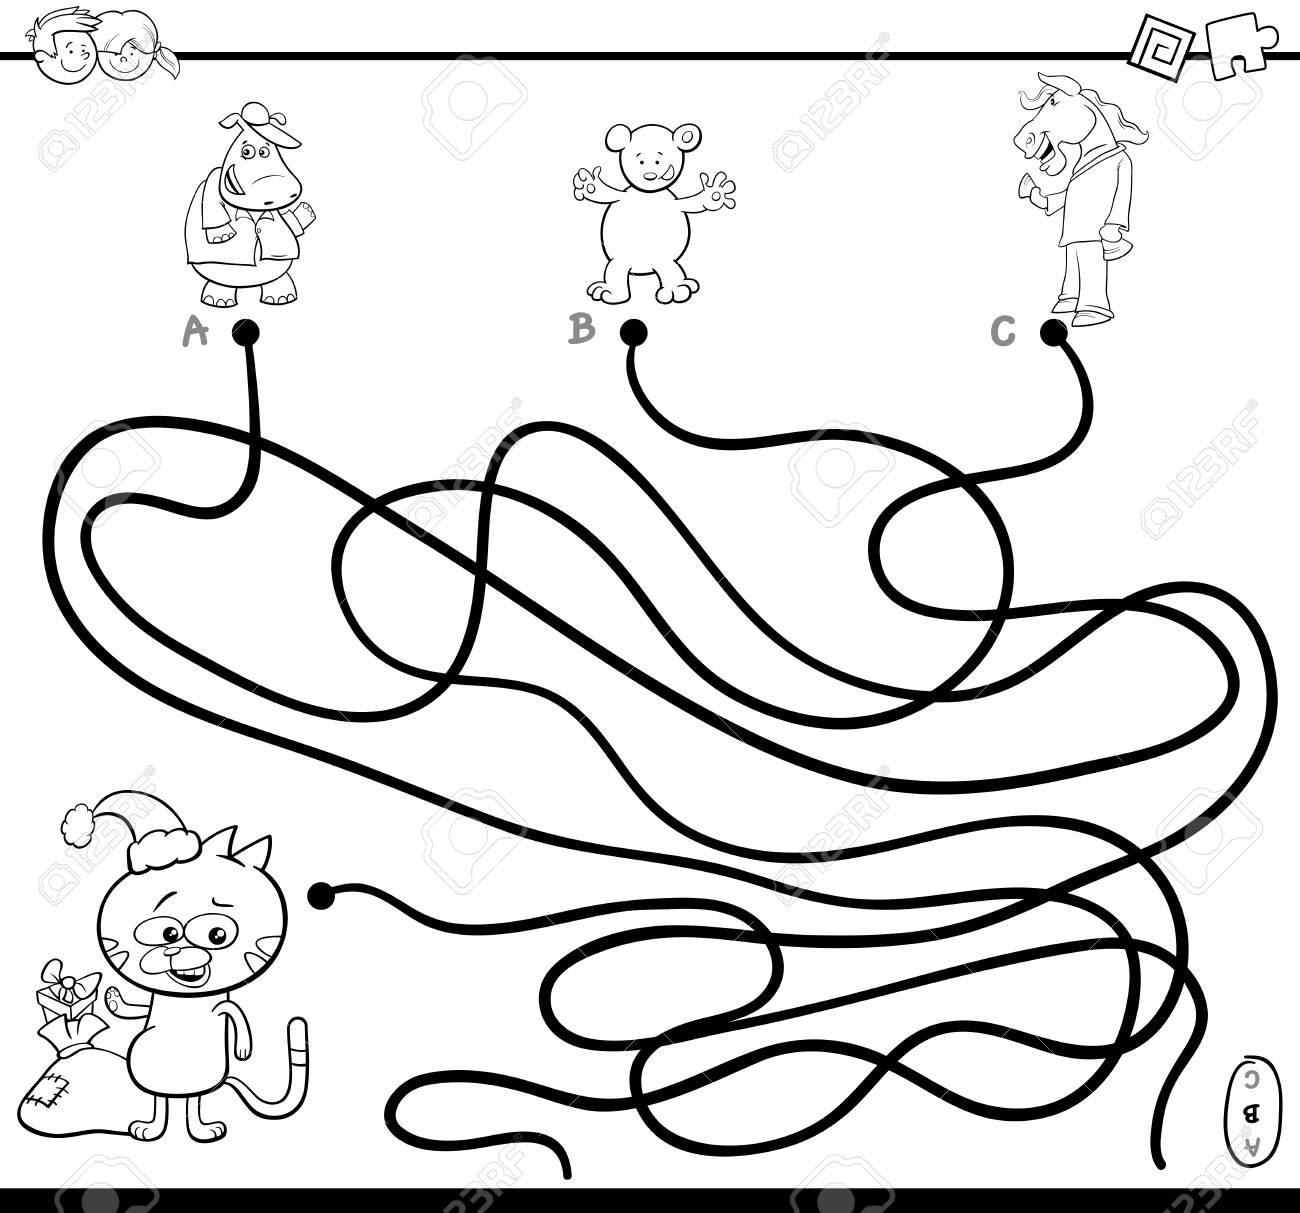 Ilustración De Dibujos Animados Blanco Y Negro De Senderos O Laberinto Juego De Actividad Rompecabezas Con Personajes De Animales En La Página Para